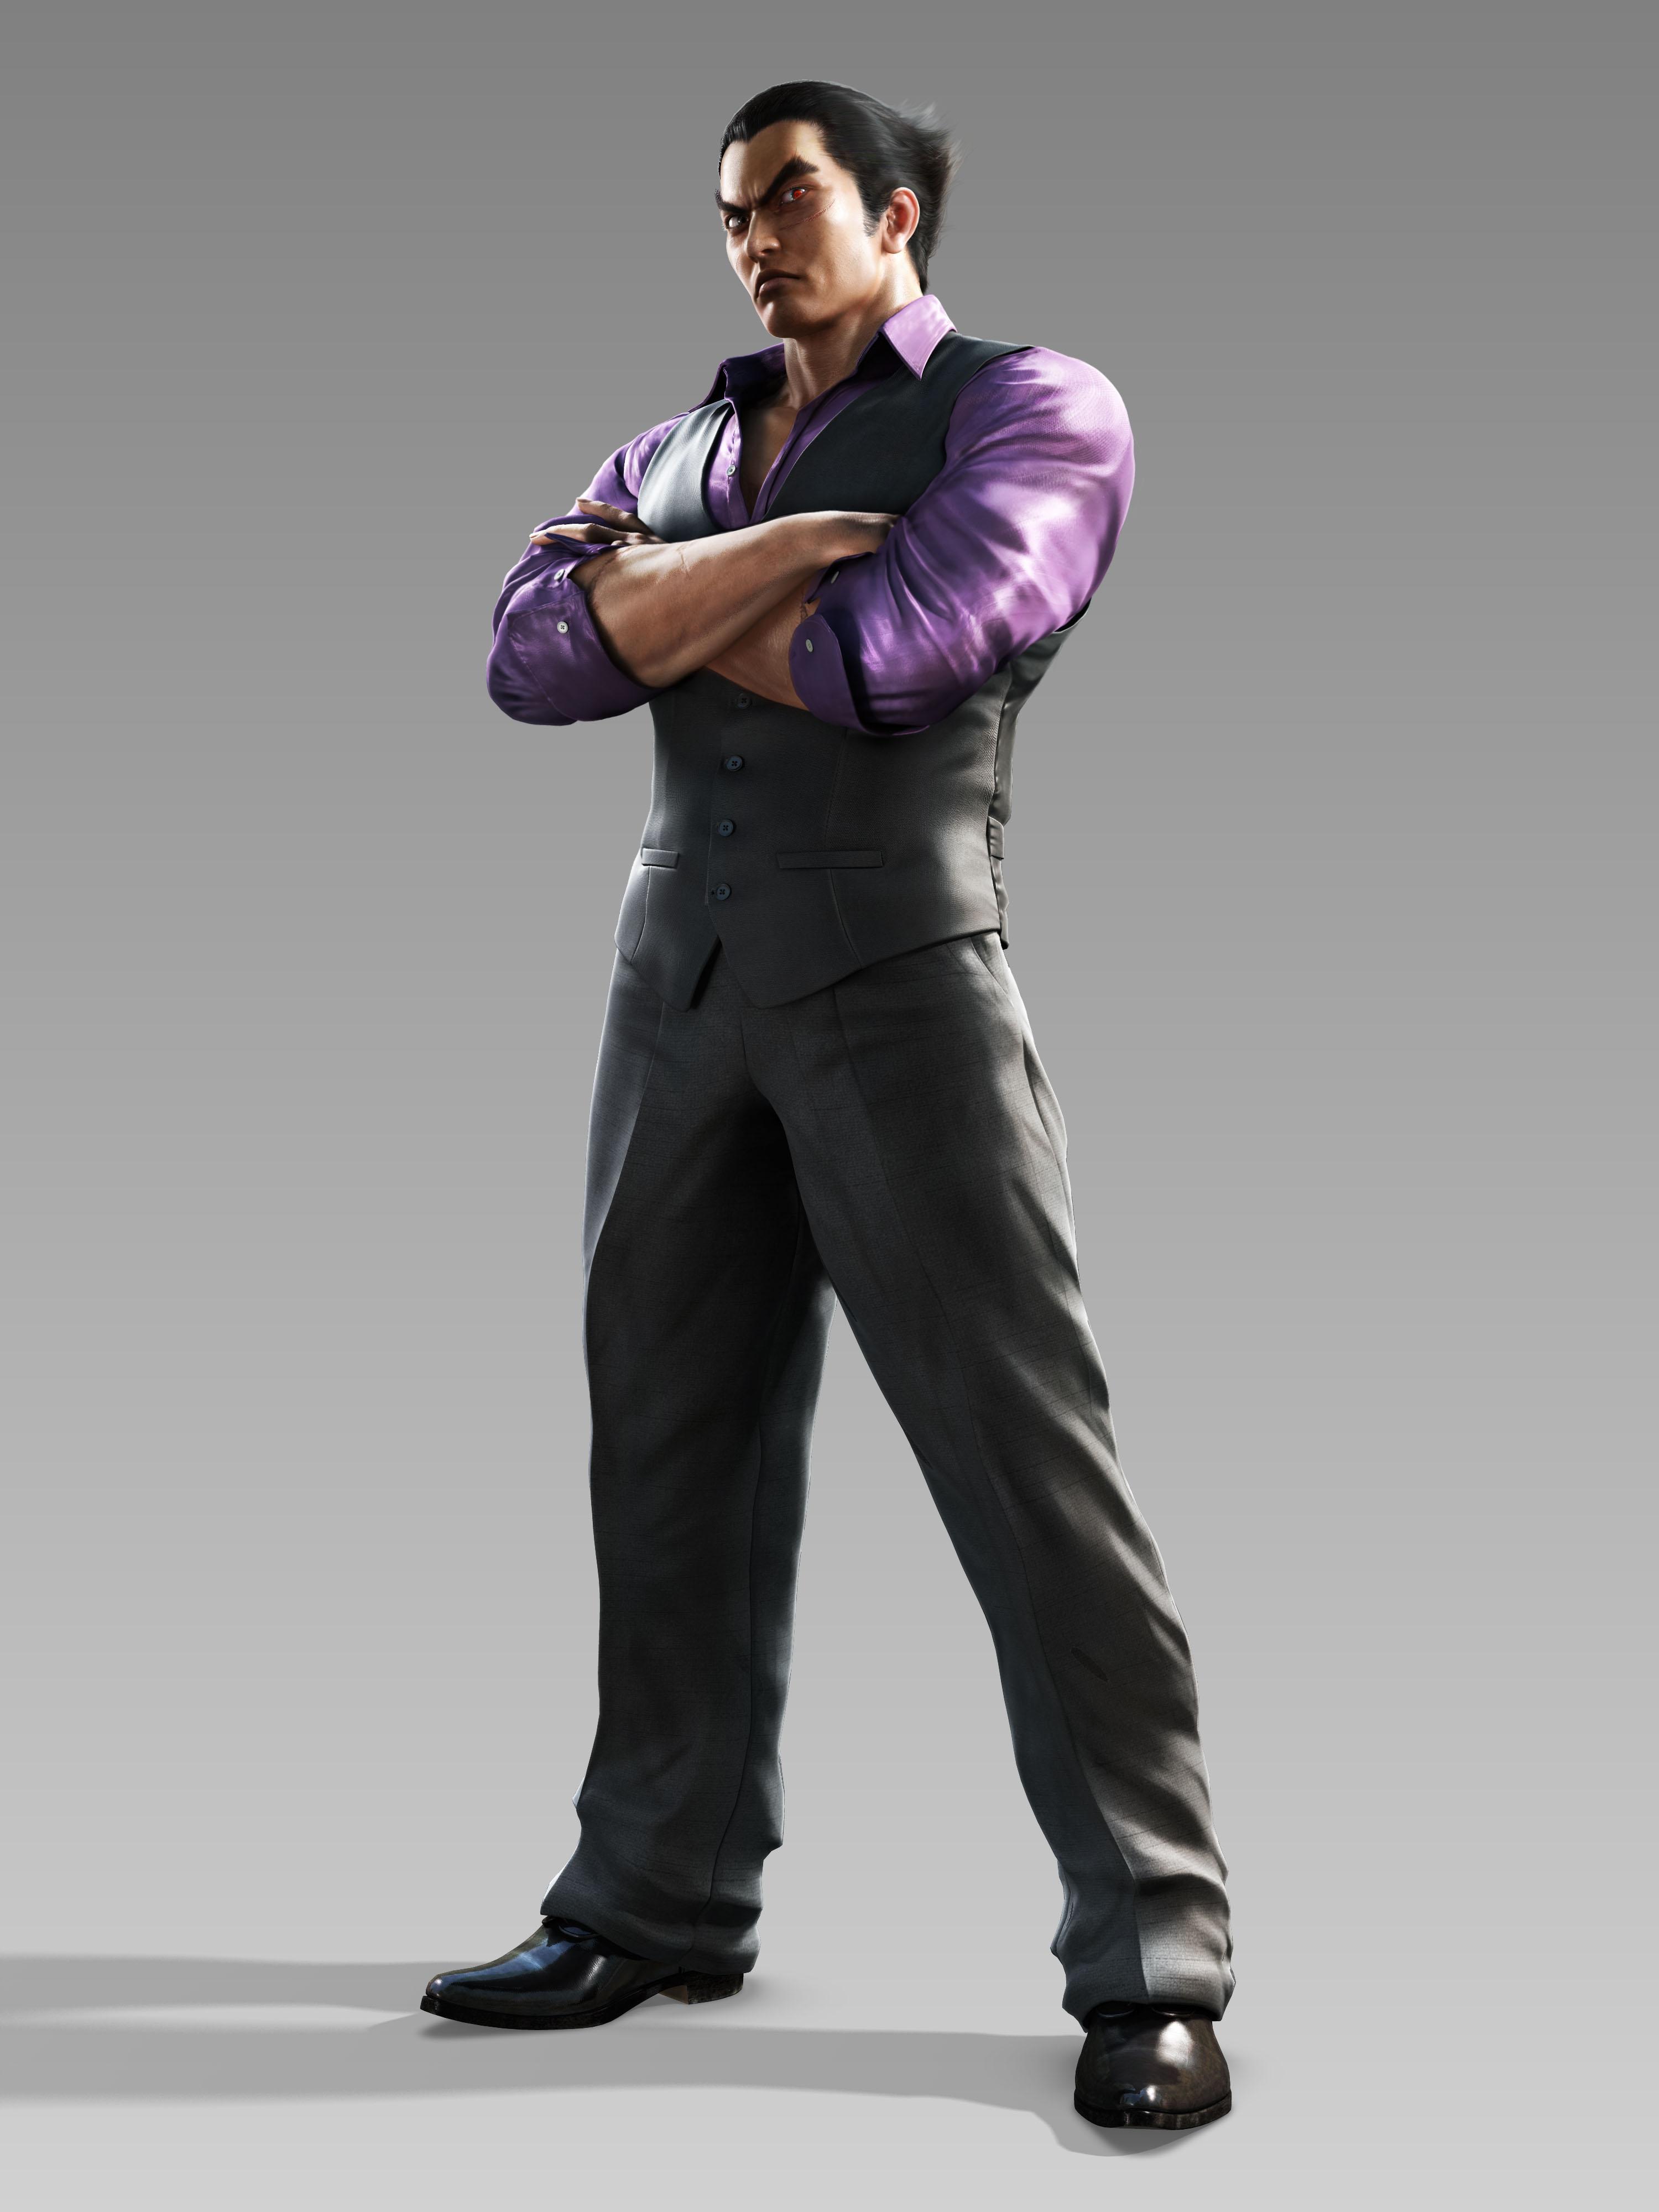 Tekken Tag Tournament Direct Audio MP3 Download Tekken